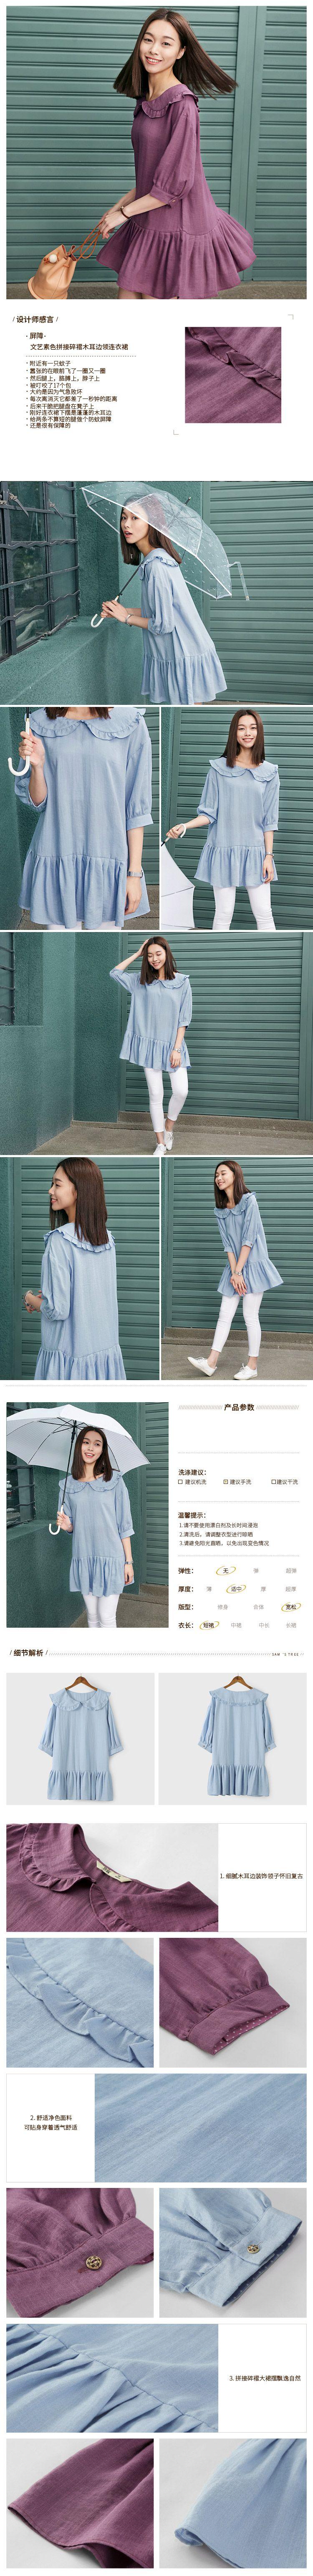 【夏新款】屏障 素色荷叶边领连衣裙